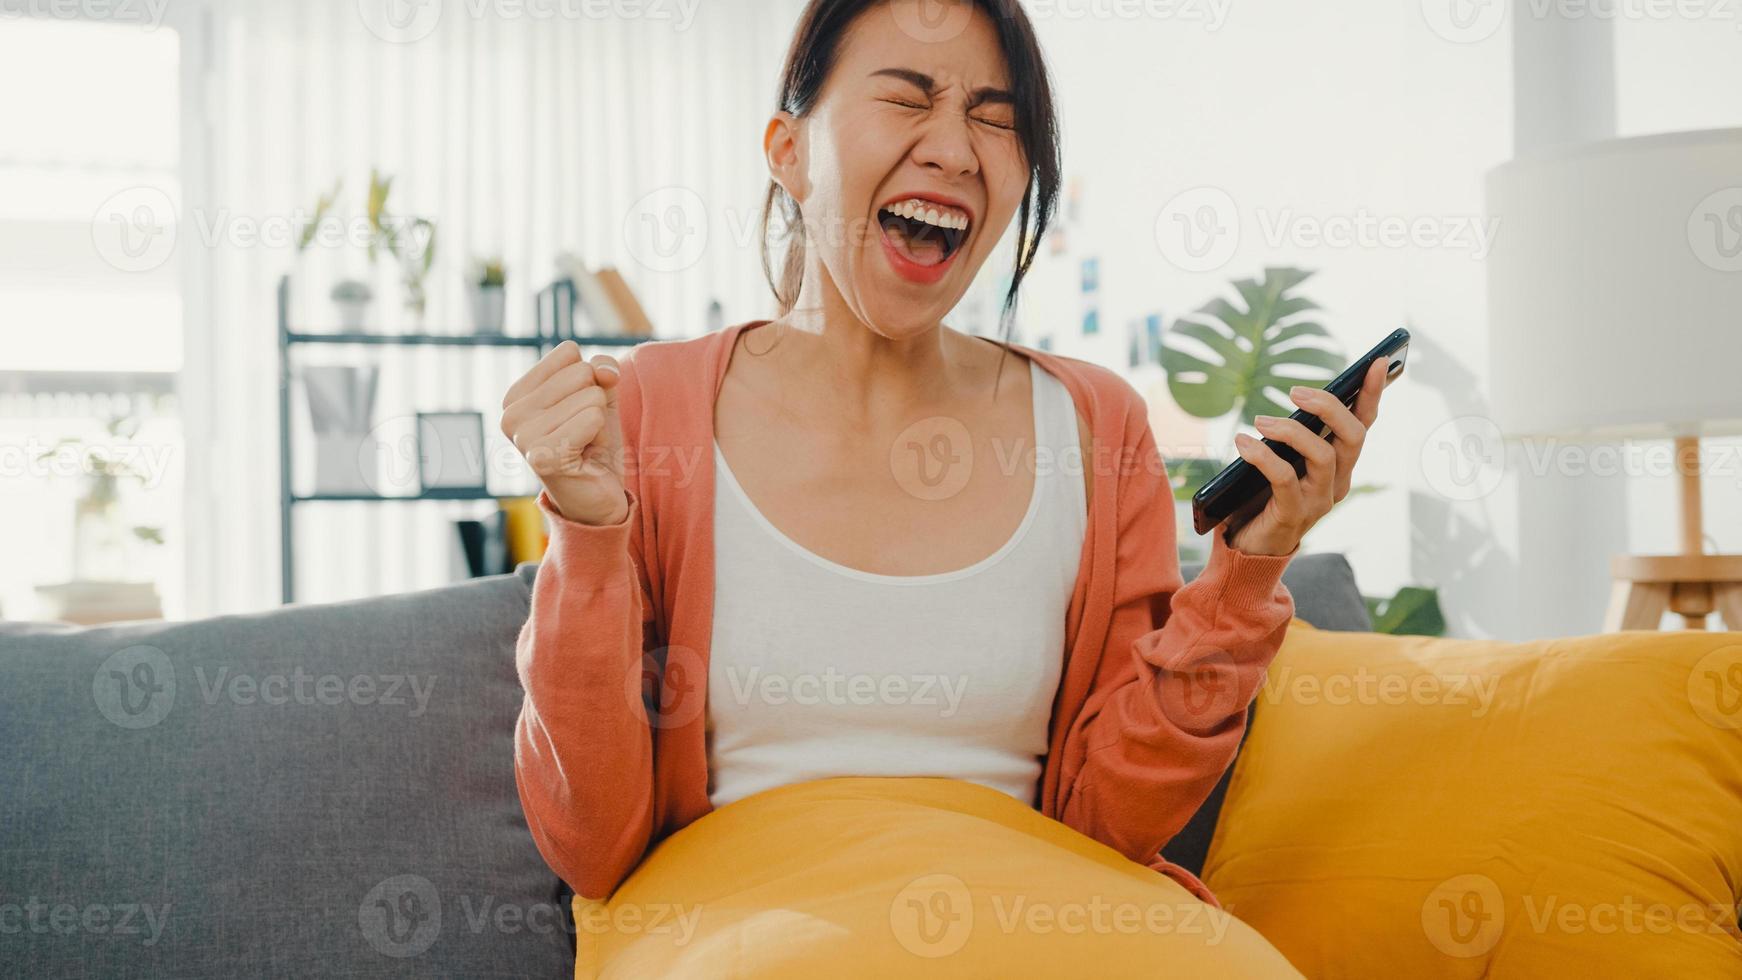 une belle dame asiatique assise sur un canapé se sent excitante avec de bonnes nouvelles à la maison. entretien de réussite, réussite des diplômés, acceptation du match de rencontres, approbation du crédit de démarrage, réussite du test, acceptation du concept d'emploi par l'employeur. photo